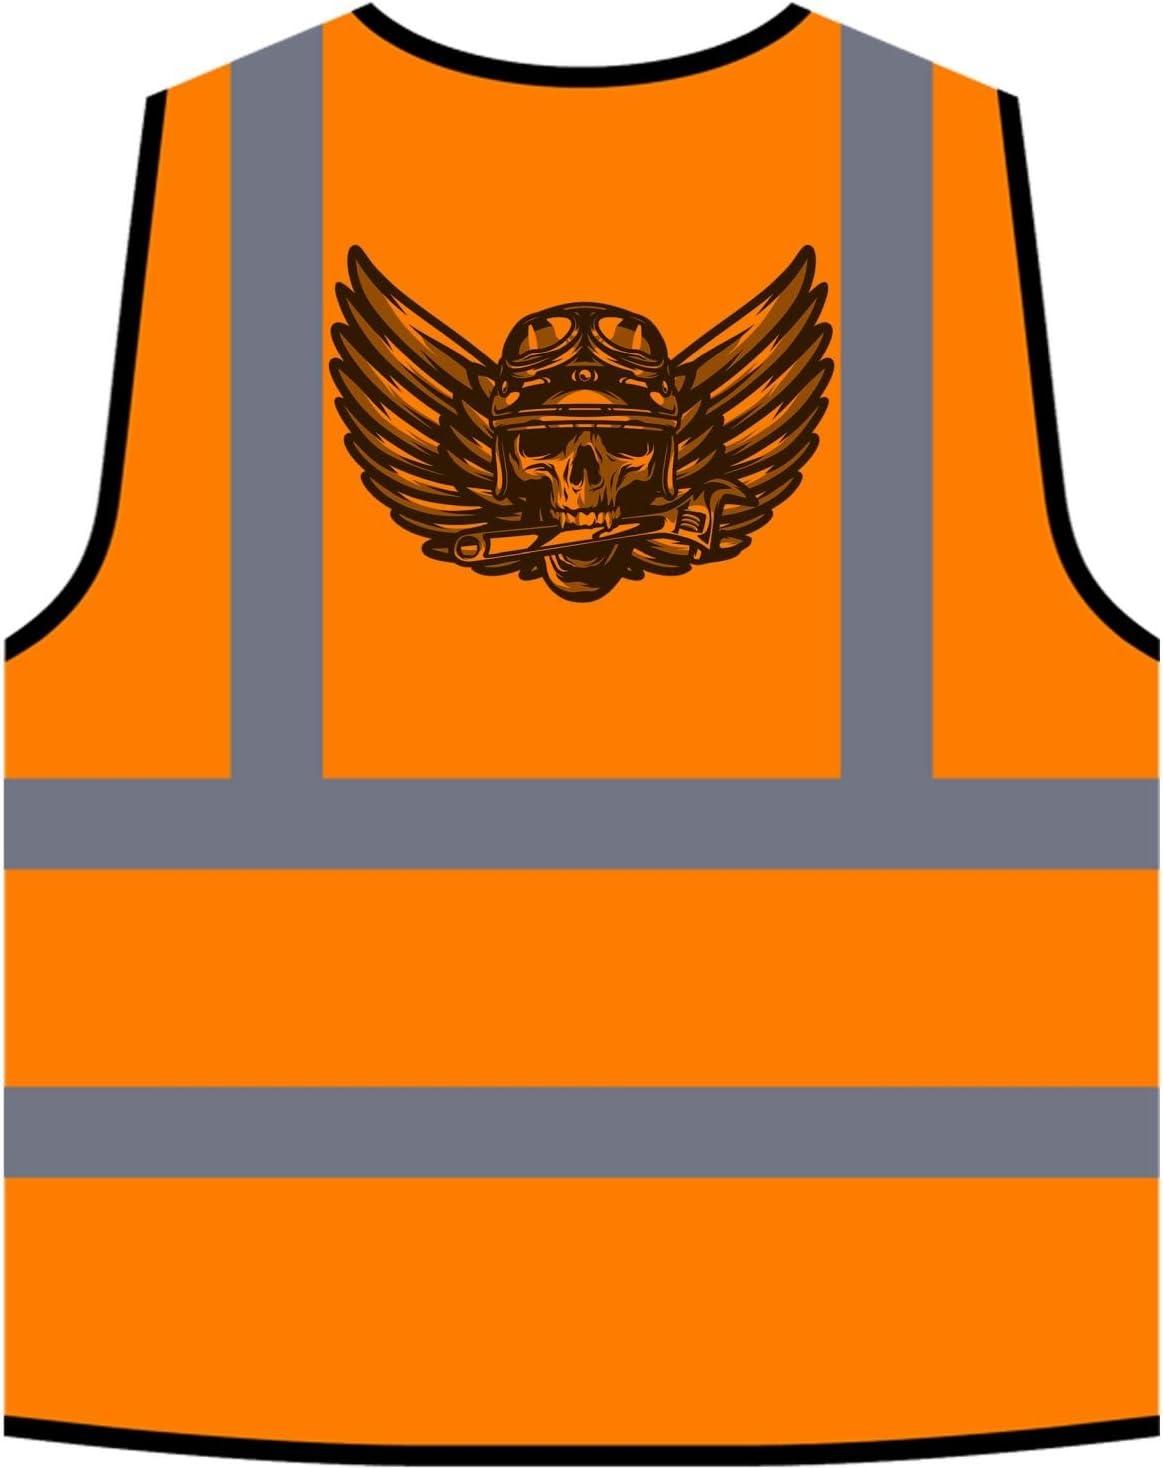 Ghost Rider Skull Biker Veste de Protection Orange personnalis/ée /à Haute visibilit/é u654vo